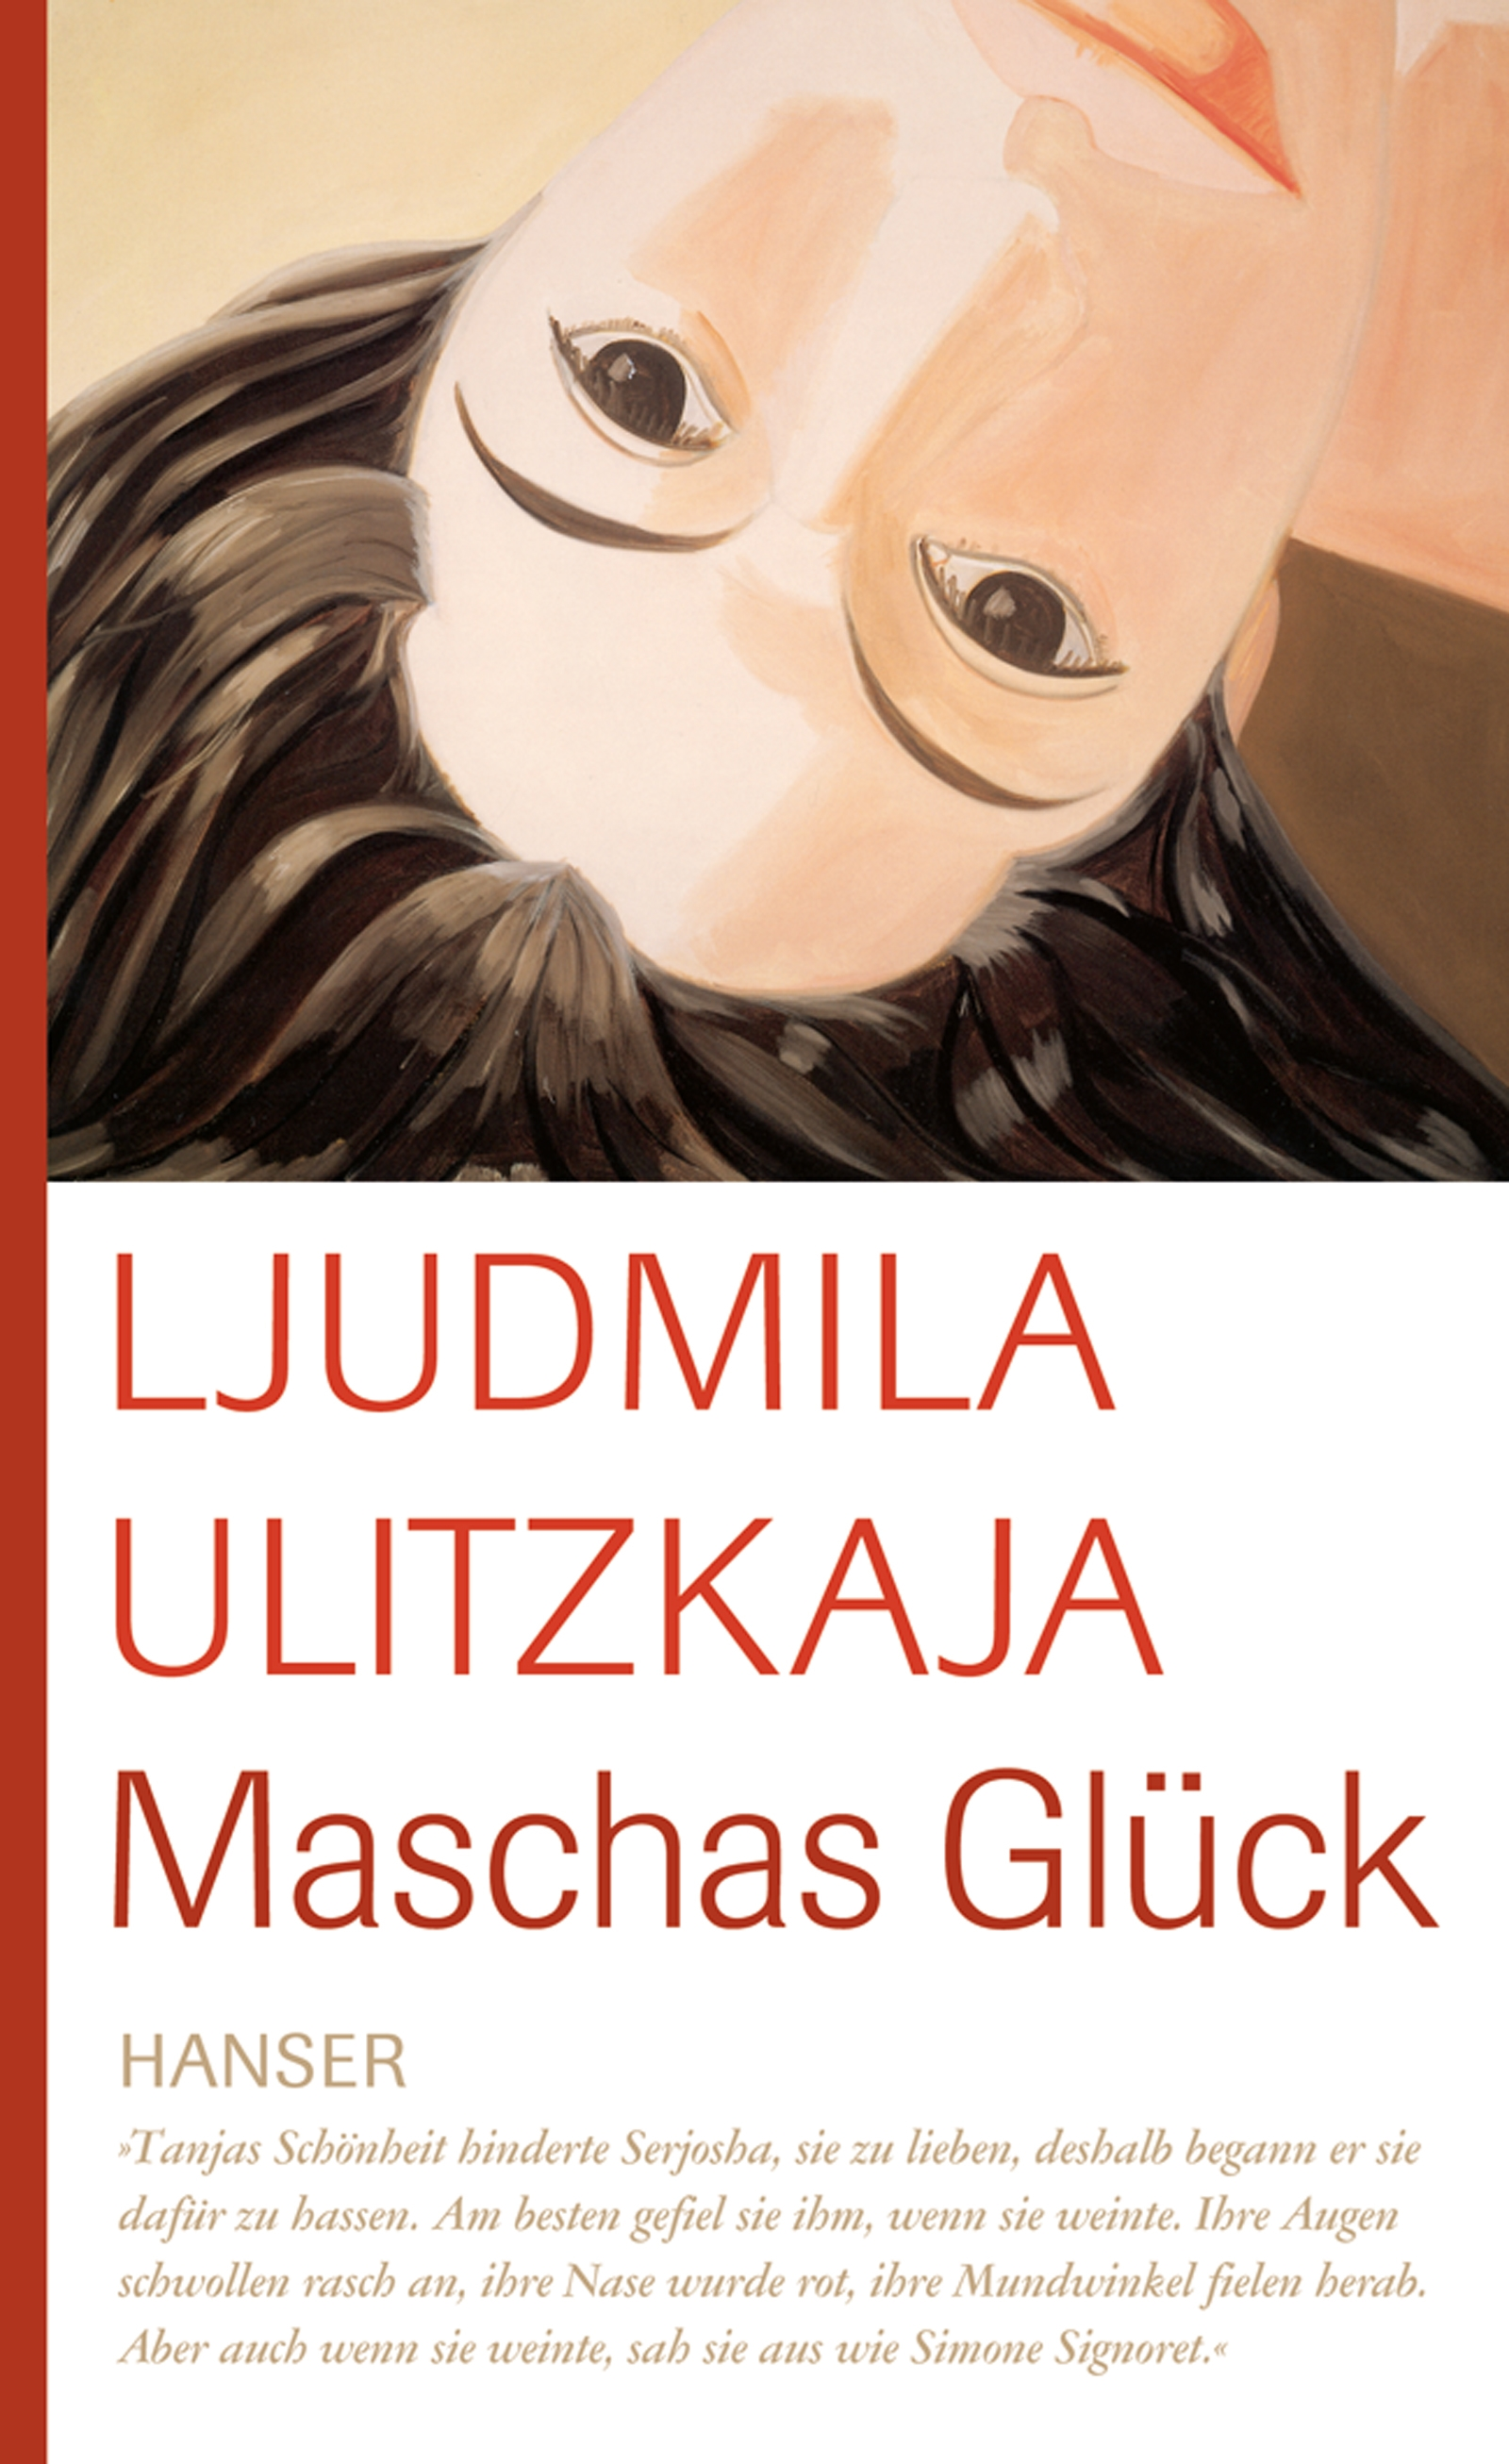 Maschas Glück